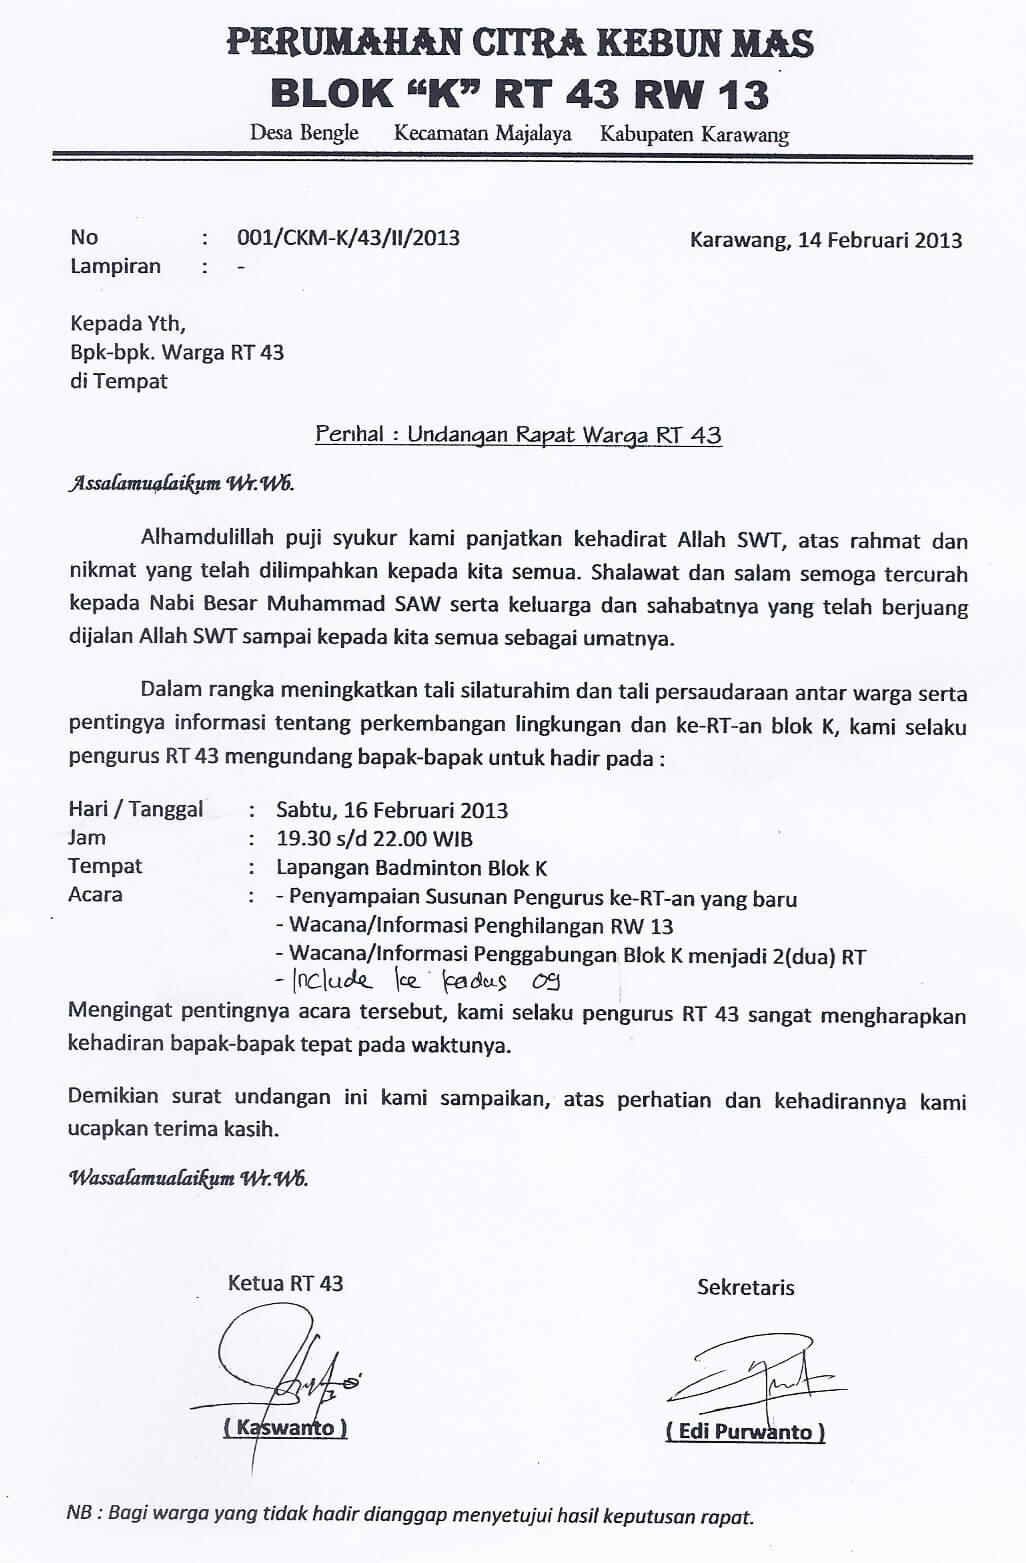 contoh surat undangan rapat rt